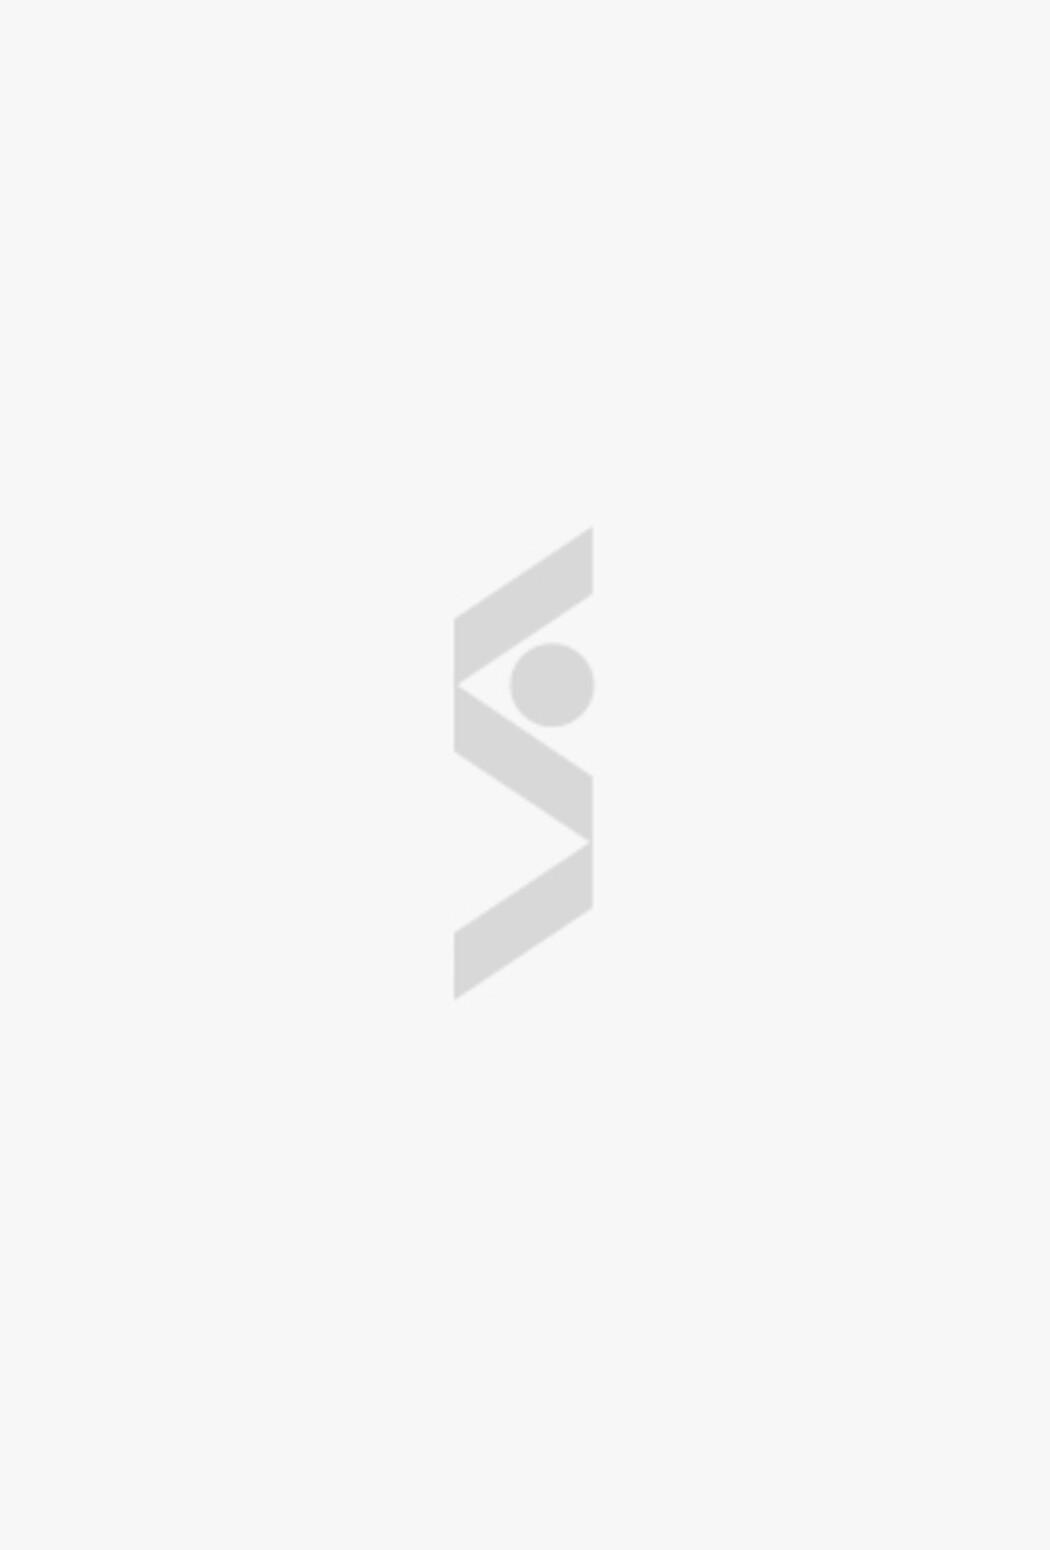 Косметика teana екатеринбург купить где купить косметику mac оренбурге